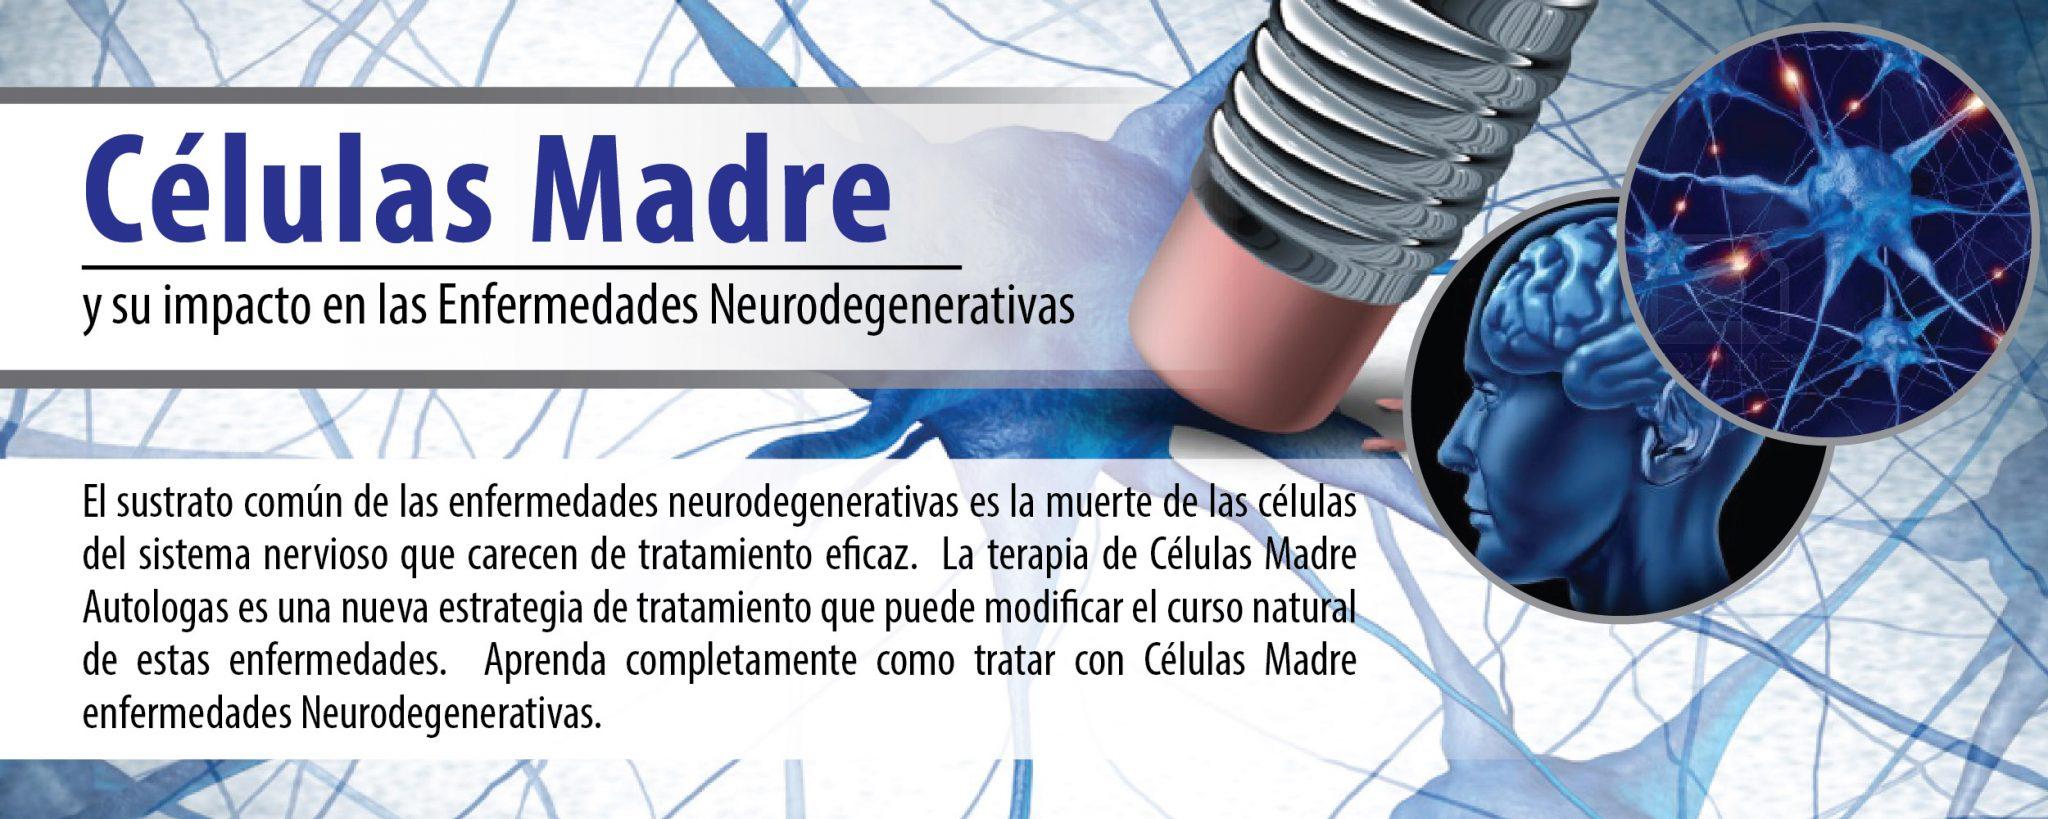 web-enfermedades-neurodegenerativas-01